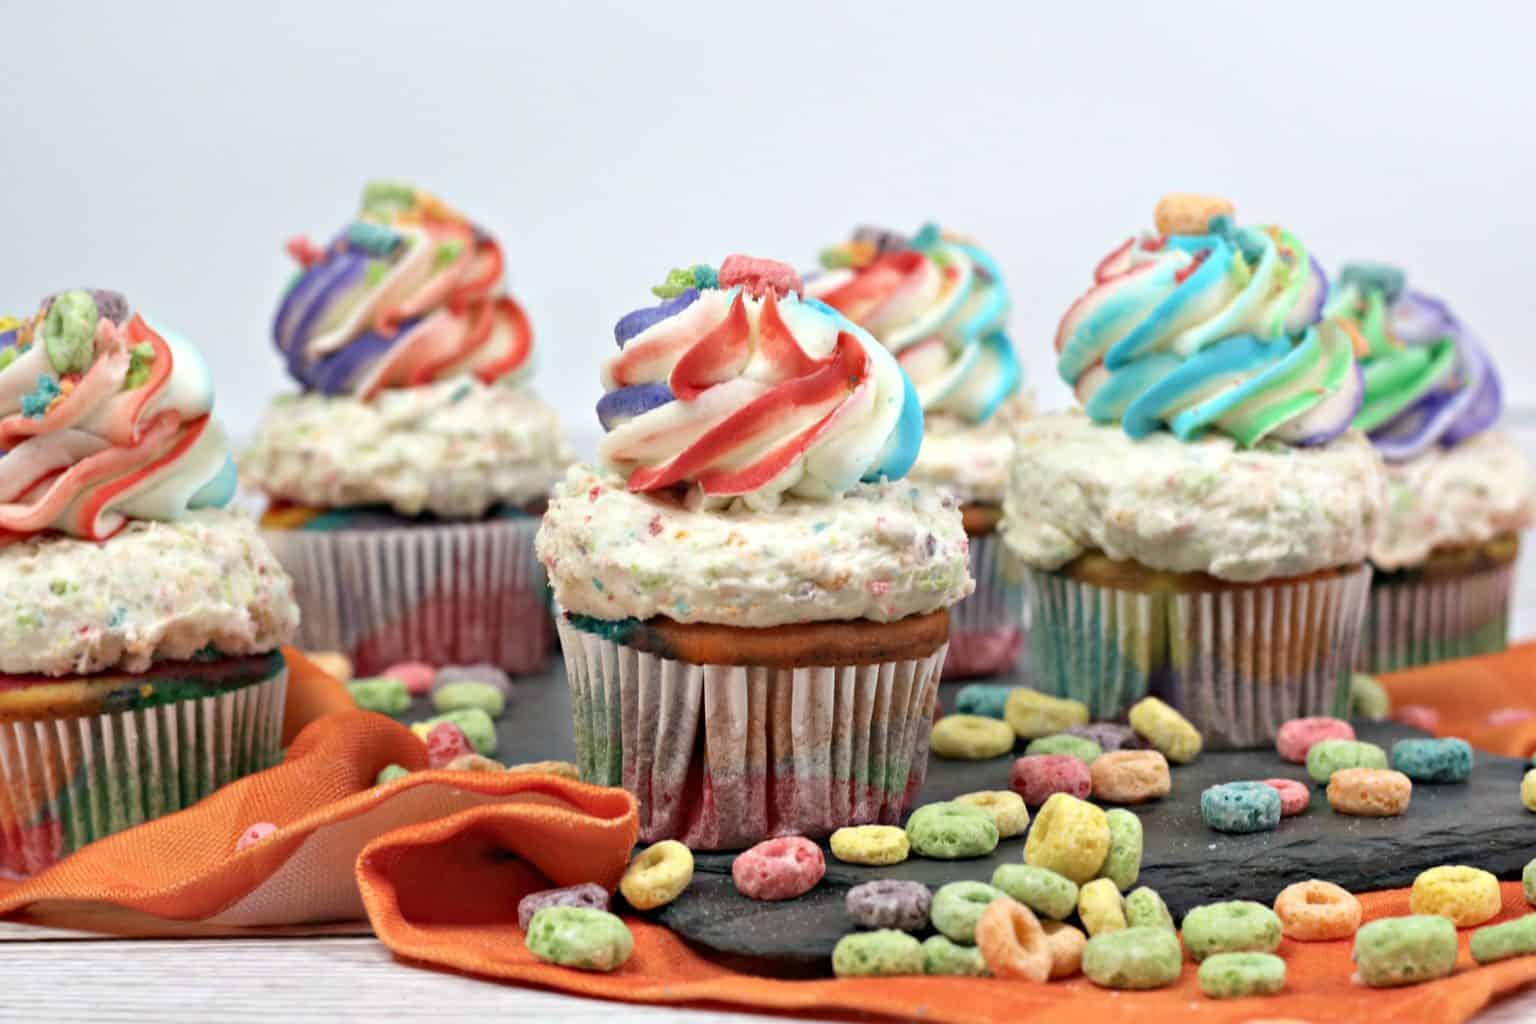 fruit loop recipe, fruit loop cupcakes